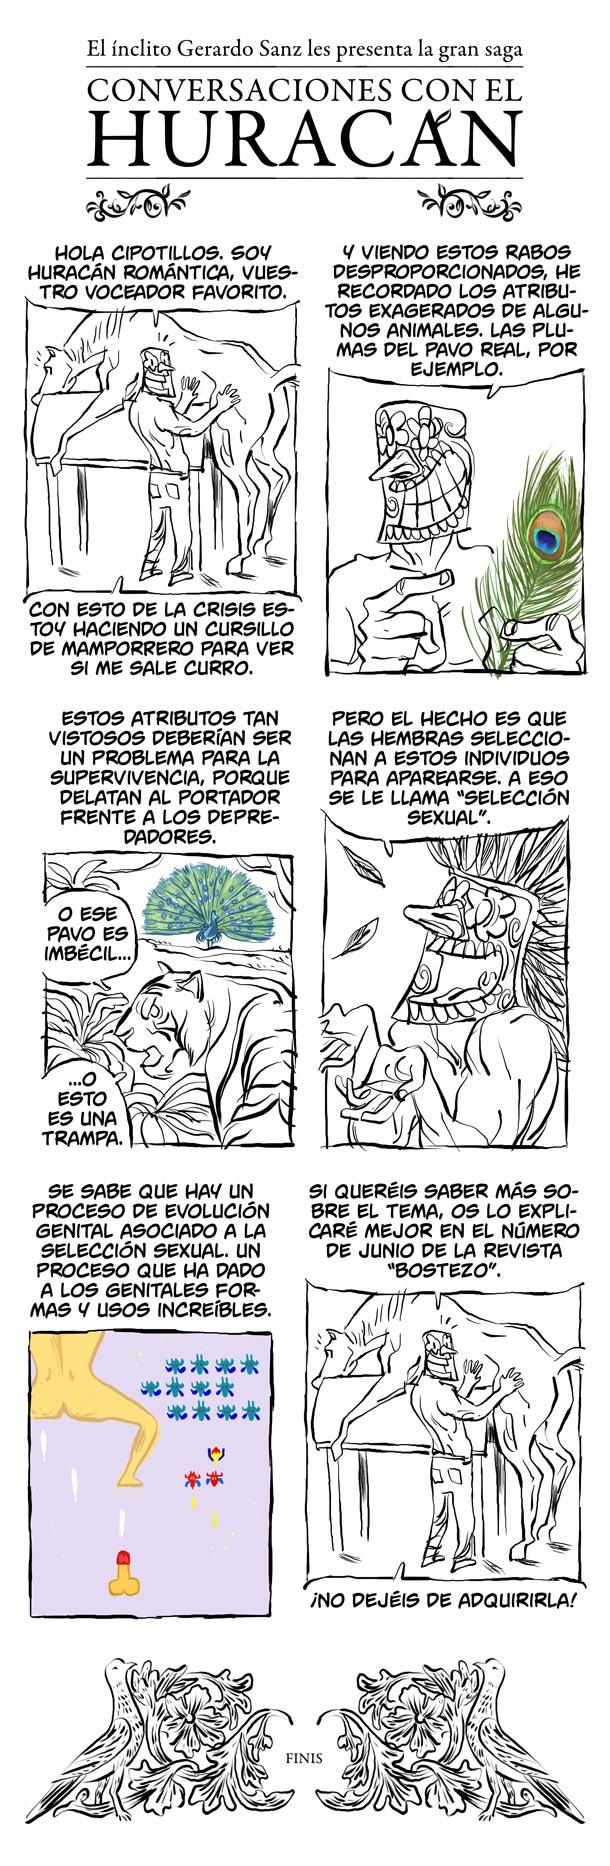 Seleccion sexual - Conversaciones con el Huracan - cienciaes.com